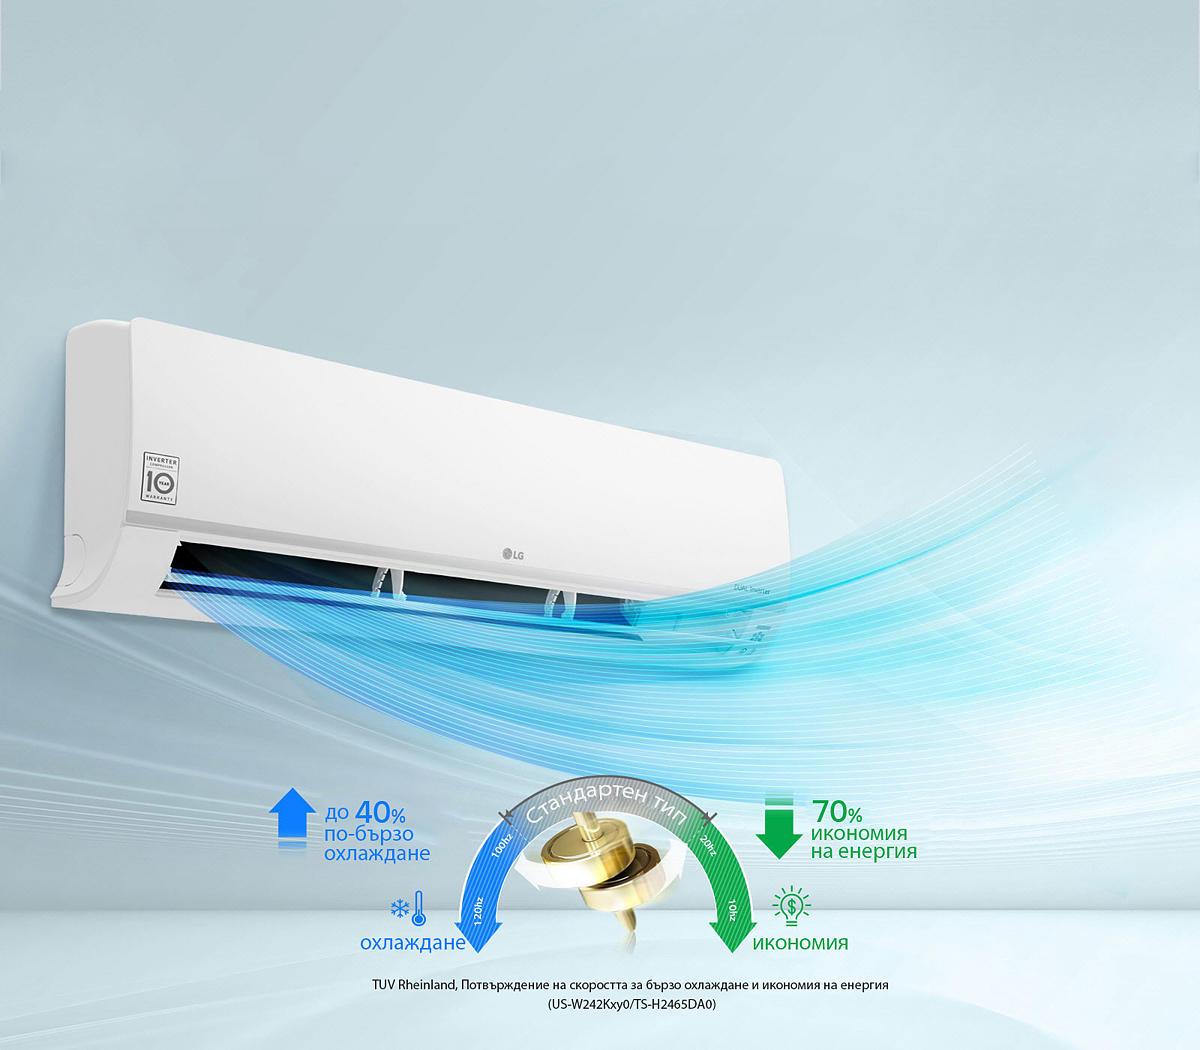 Бързо охлаждане и икономия на енергия Инверторният компресор непрекъснато регулира скоростта на компресора, за да поддържа желаните нива на температурата. Освен това Dual Inverter Compressor™ с енергоспестяващия си работен честотен диапазон спестява повече енергия от стандартния компресор. Благодарение на Dual Inverter Compressor въздухът се издухва по-далеч и по-бързо.